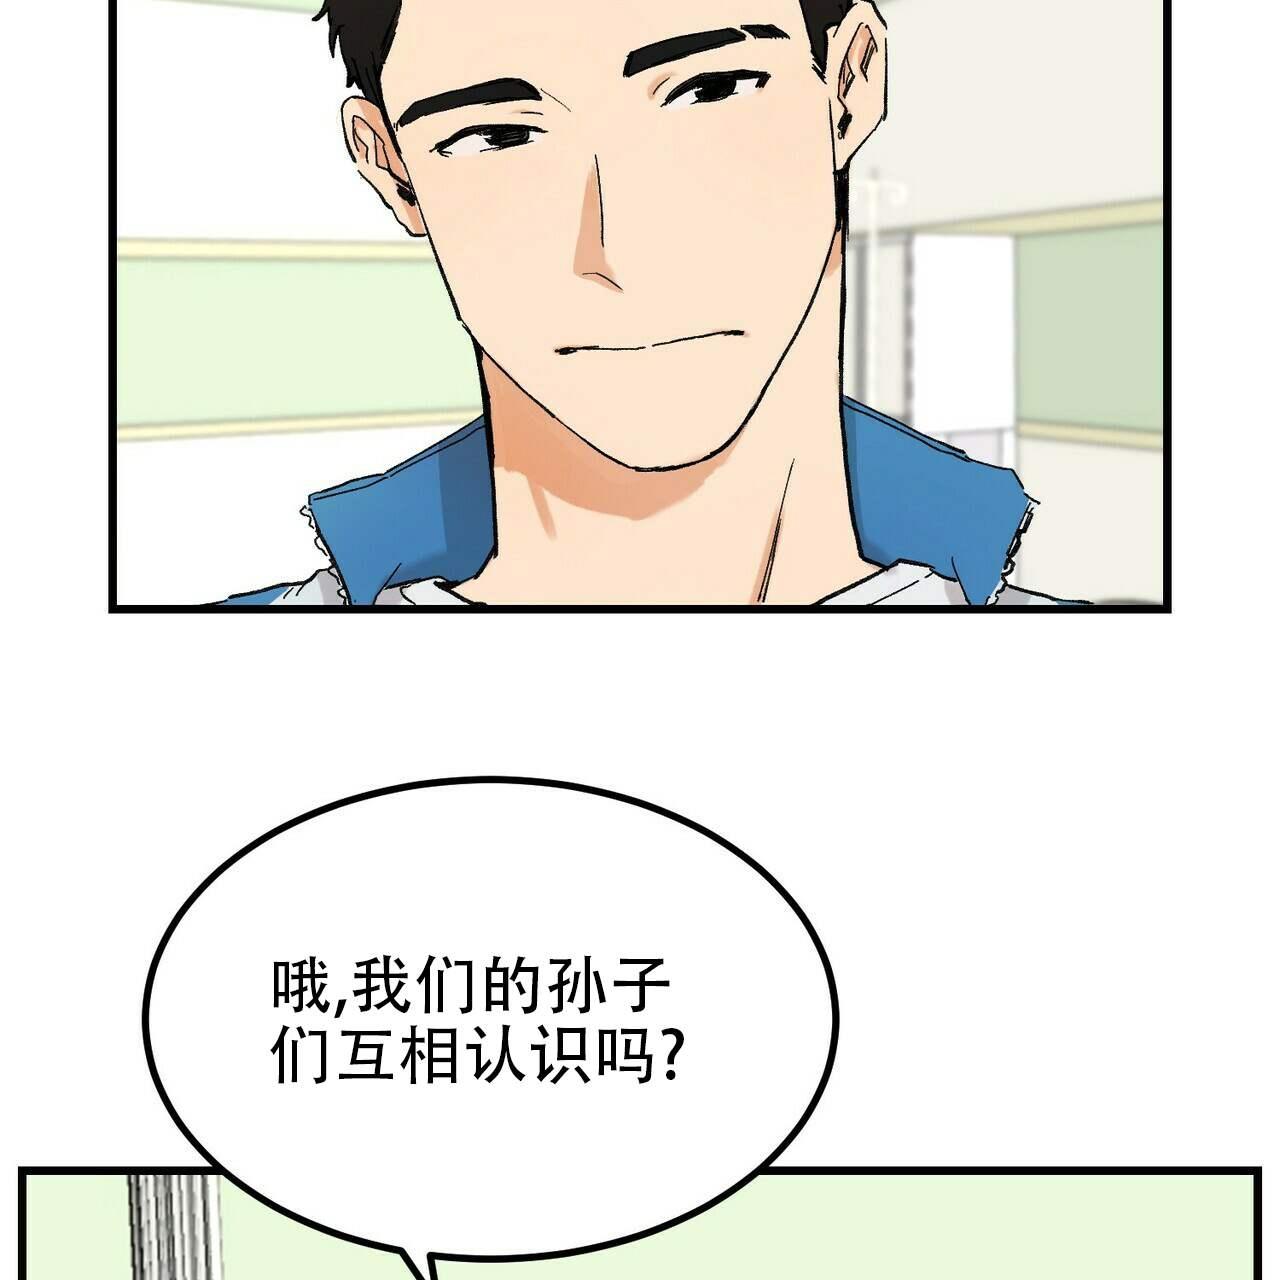 """韩漫《青春的终极爱情》""""哥哥,我们不能再交往了吗?"""""""